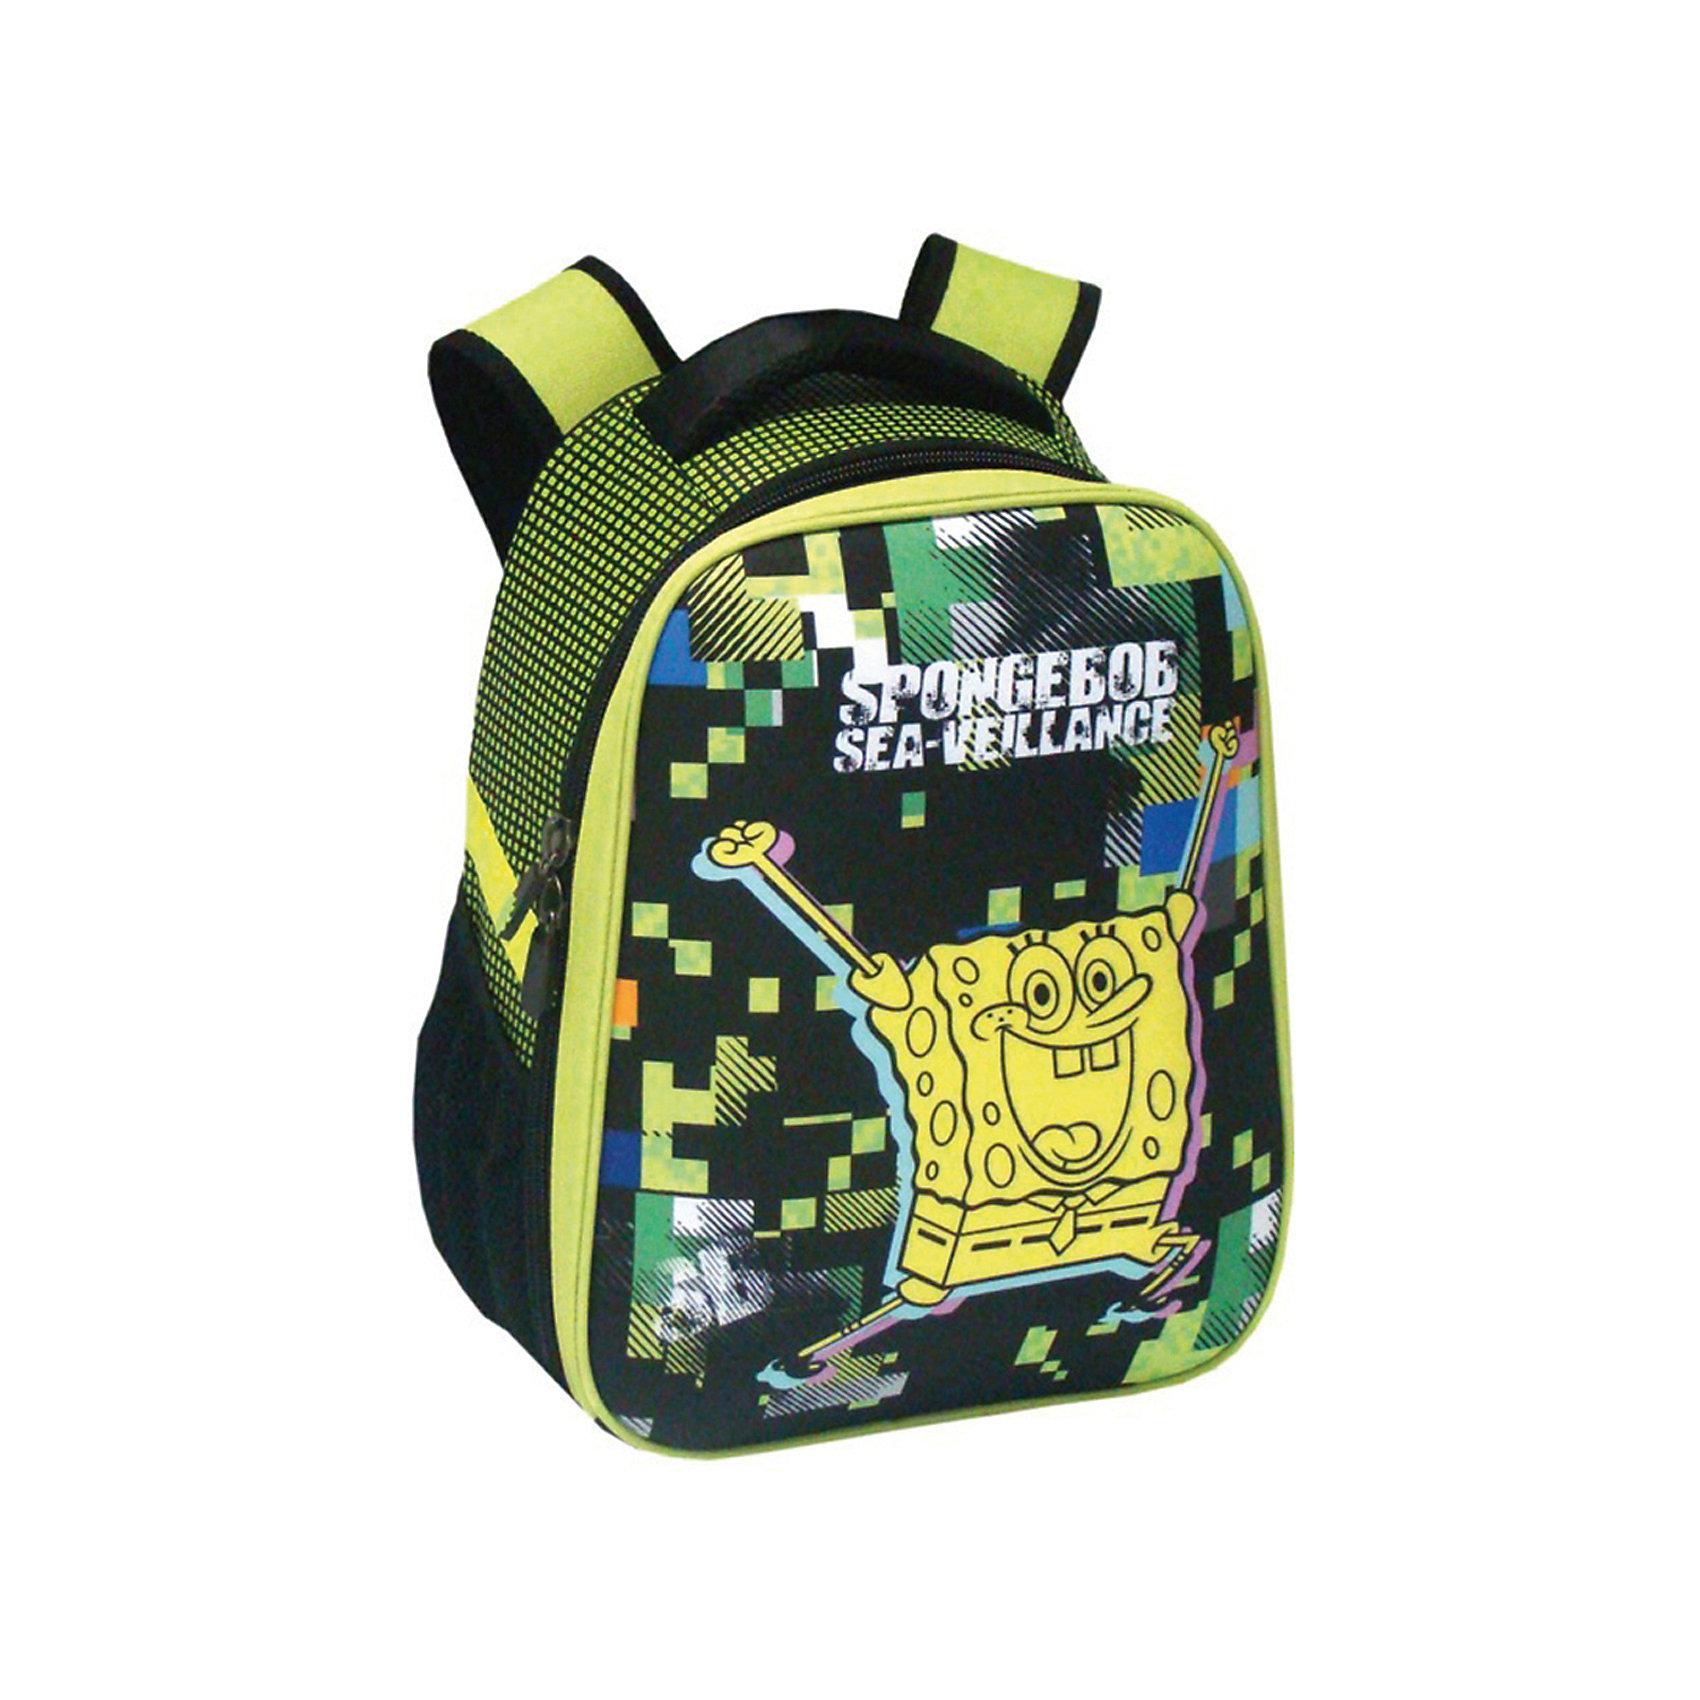 Школьный рюкзак Губка БобЯркий и модный рюкзак Губка Боб - отличный выбор для школьника. Изделие выполнено из плотного износостойкого материала и обладает следующими особенностями:<br>- 1 вместительное отделение с удобной застежкой-молнией;<br>- 2 боковых кармана с резинками;<br>- широкие лямки, регулируемые по длине;<br>- удобная ручка для переноса рюкзака;<br>- светоотражающие элементы для безопасности ребенка в темное время суток;<br>- прочное днище;<br>- привлекательный дизайн<br><br>Дополнительная информация:<br>- размеры: 38х31,5х17 см<br>- вес: 750 гр.<br><br>Рюкзак Губка Боб можно купить в нашем интернет-магазине<br><br>Ширина мм: 170<br>Глубина мм: 315<br>Высота мм: 380<br>Вес г: 750<br>Возраст от месяцев: 72<br>Возраст до месяцев: 144<br>Пол: Женский<br>Возраст: Детский<br>SKU: 4616078